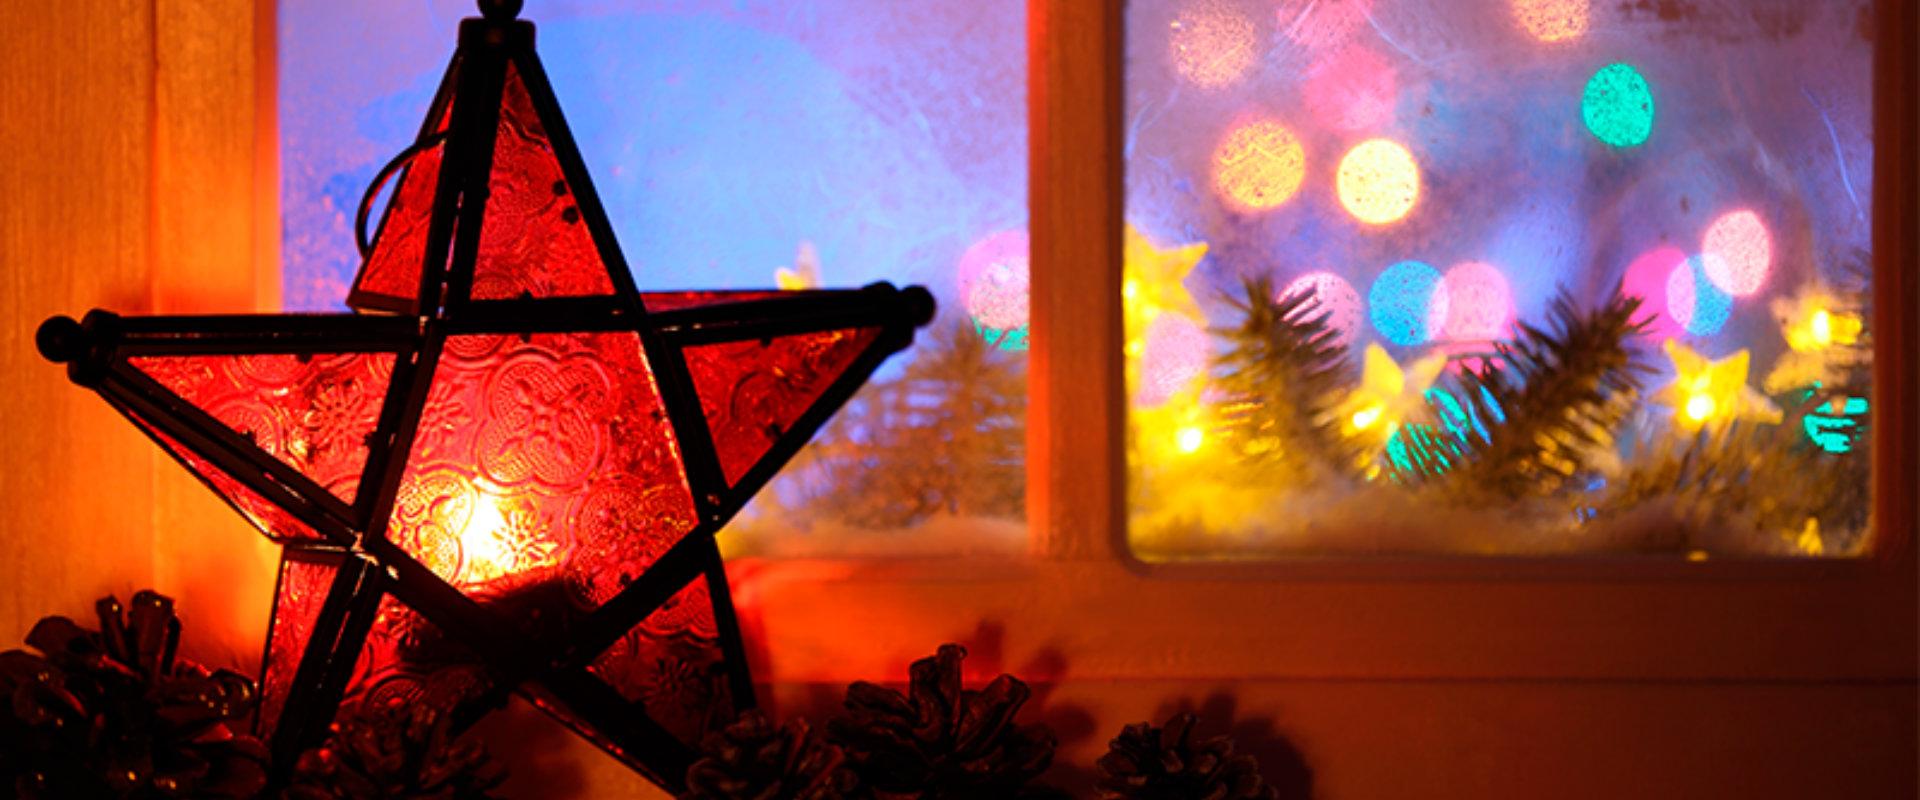 Estrella de Nvidad con luces y piñas de pino